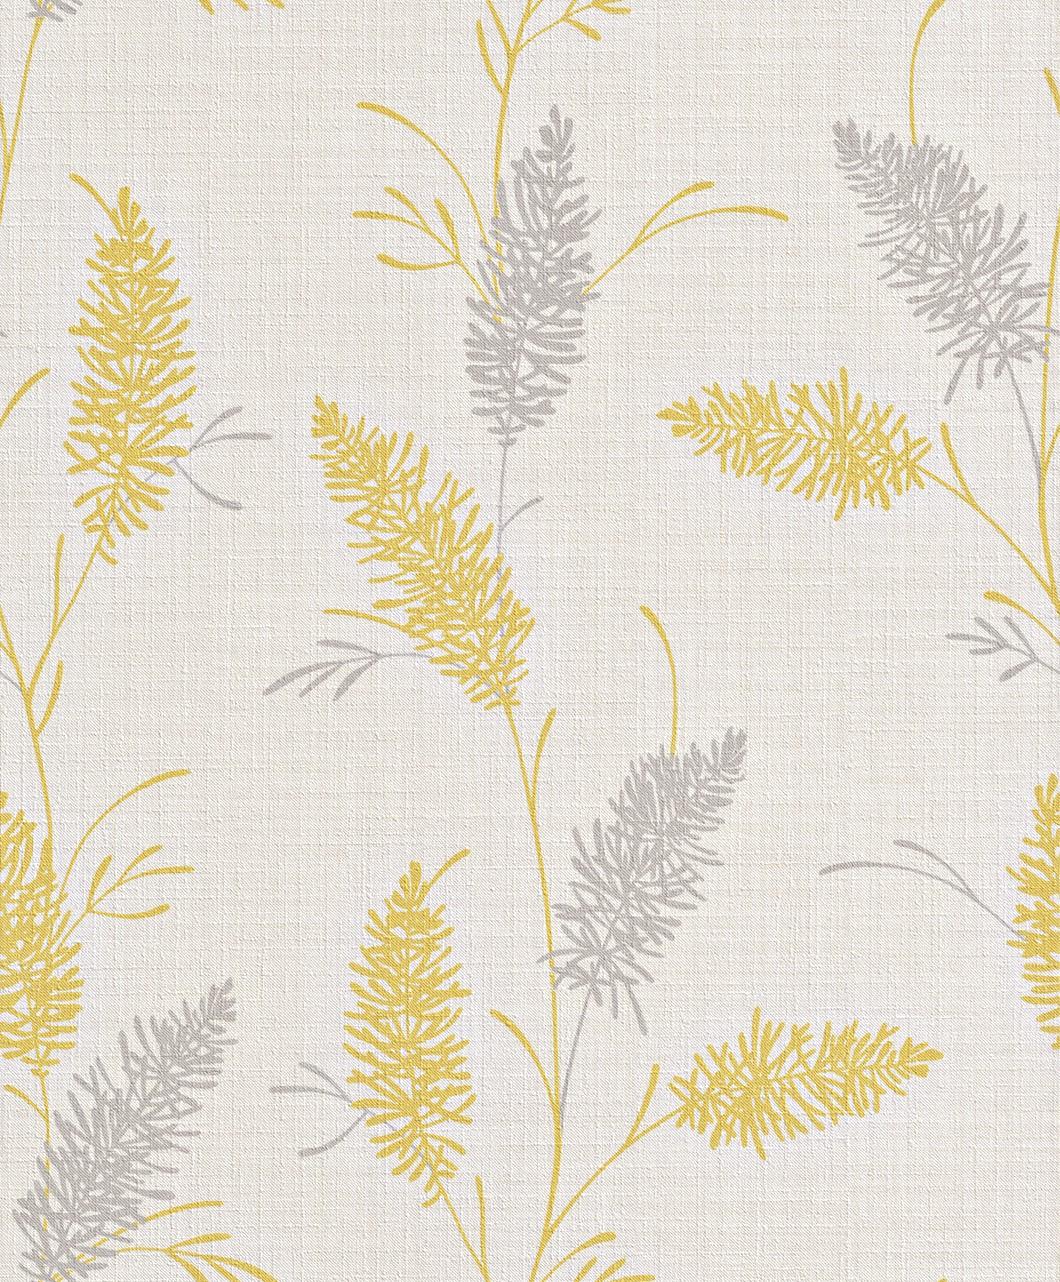 Blumen gelb blumen l neblick seite 2 g nthart - Vliestapete grau ...